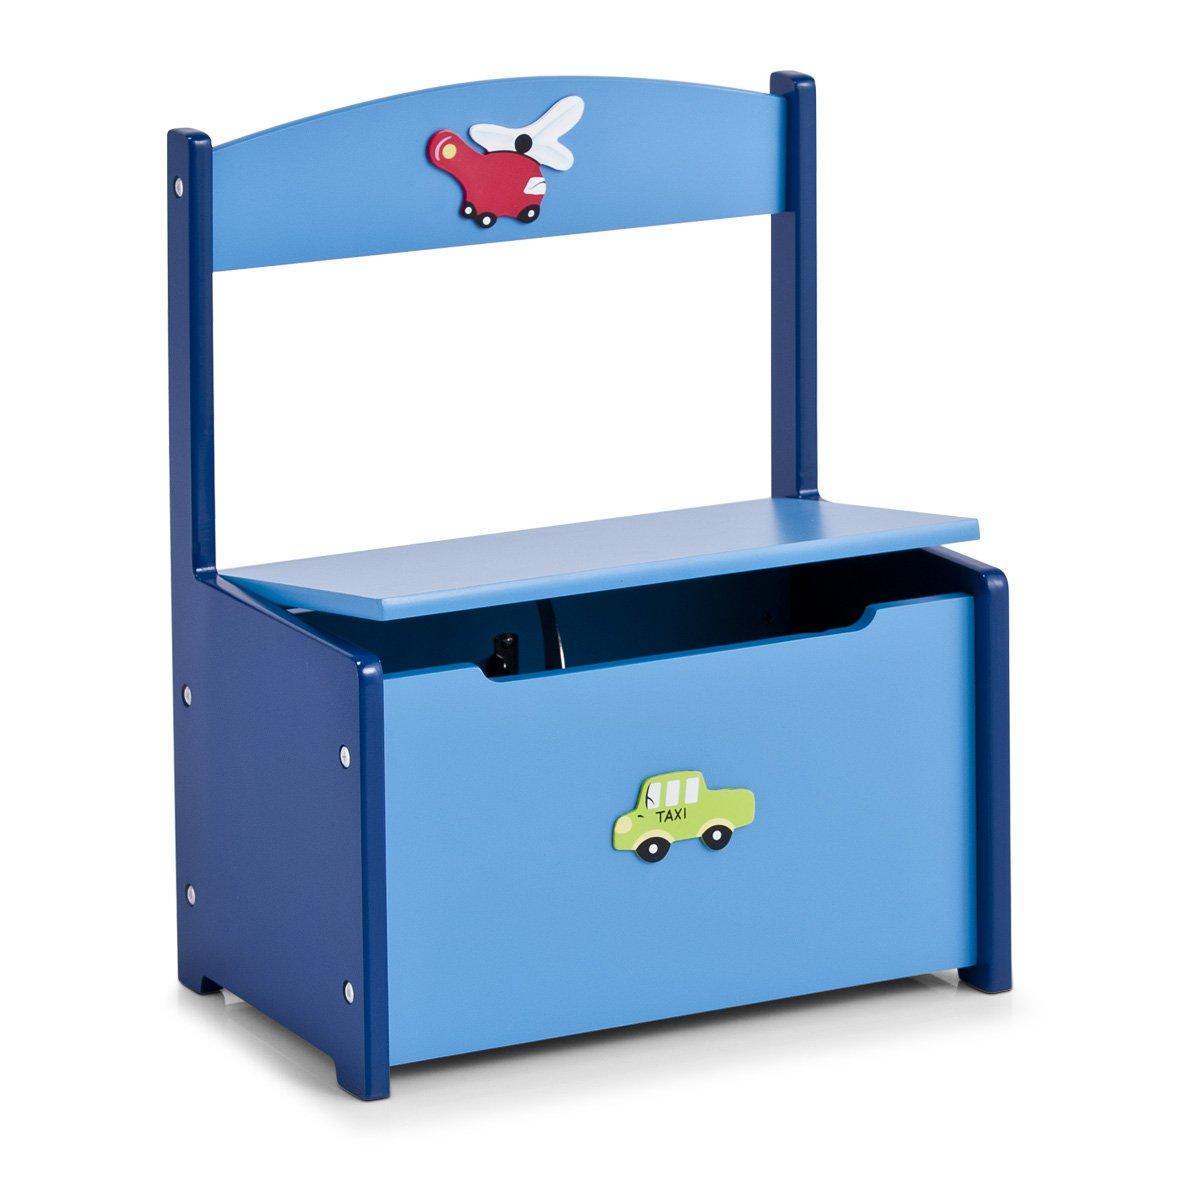 Zeller 13474 Banc-coffret À jouets pour enfant Boys - 41 x 26 x 51 cm